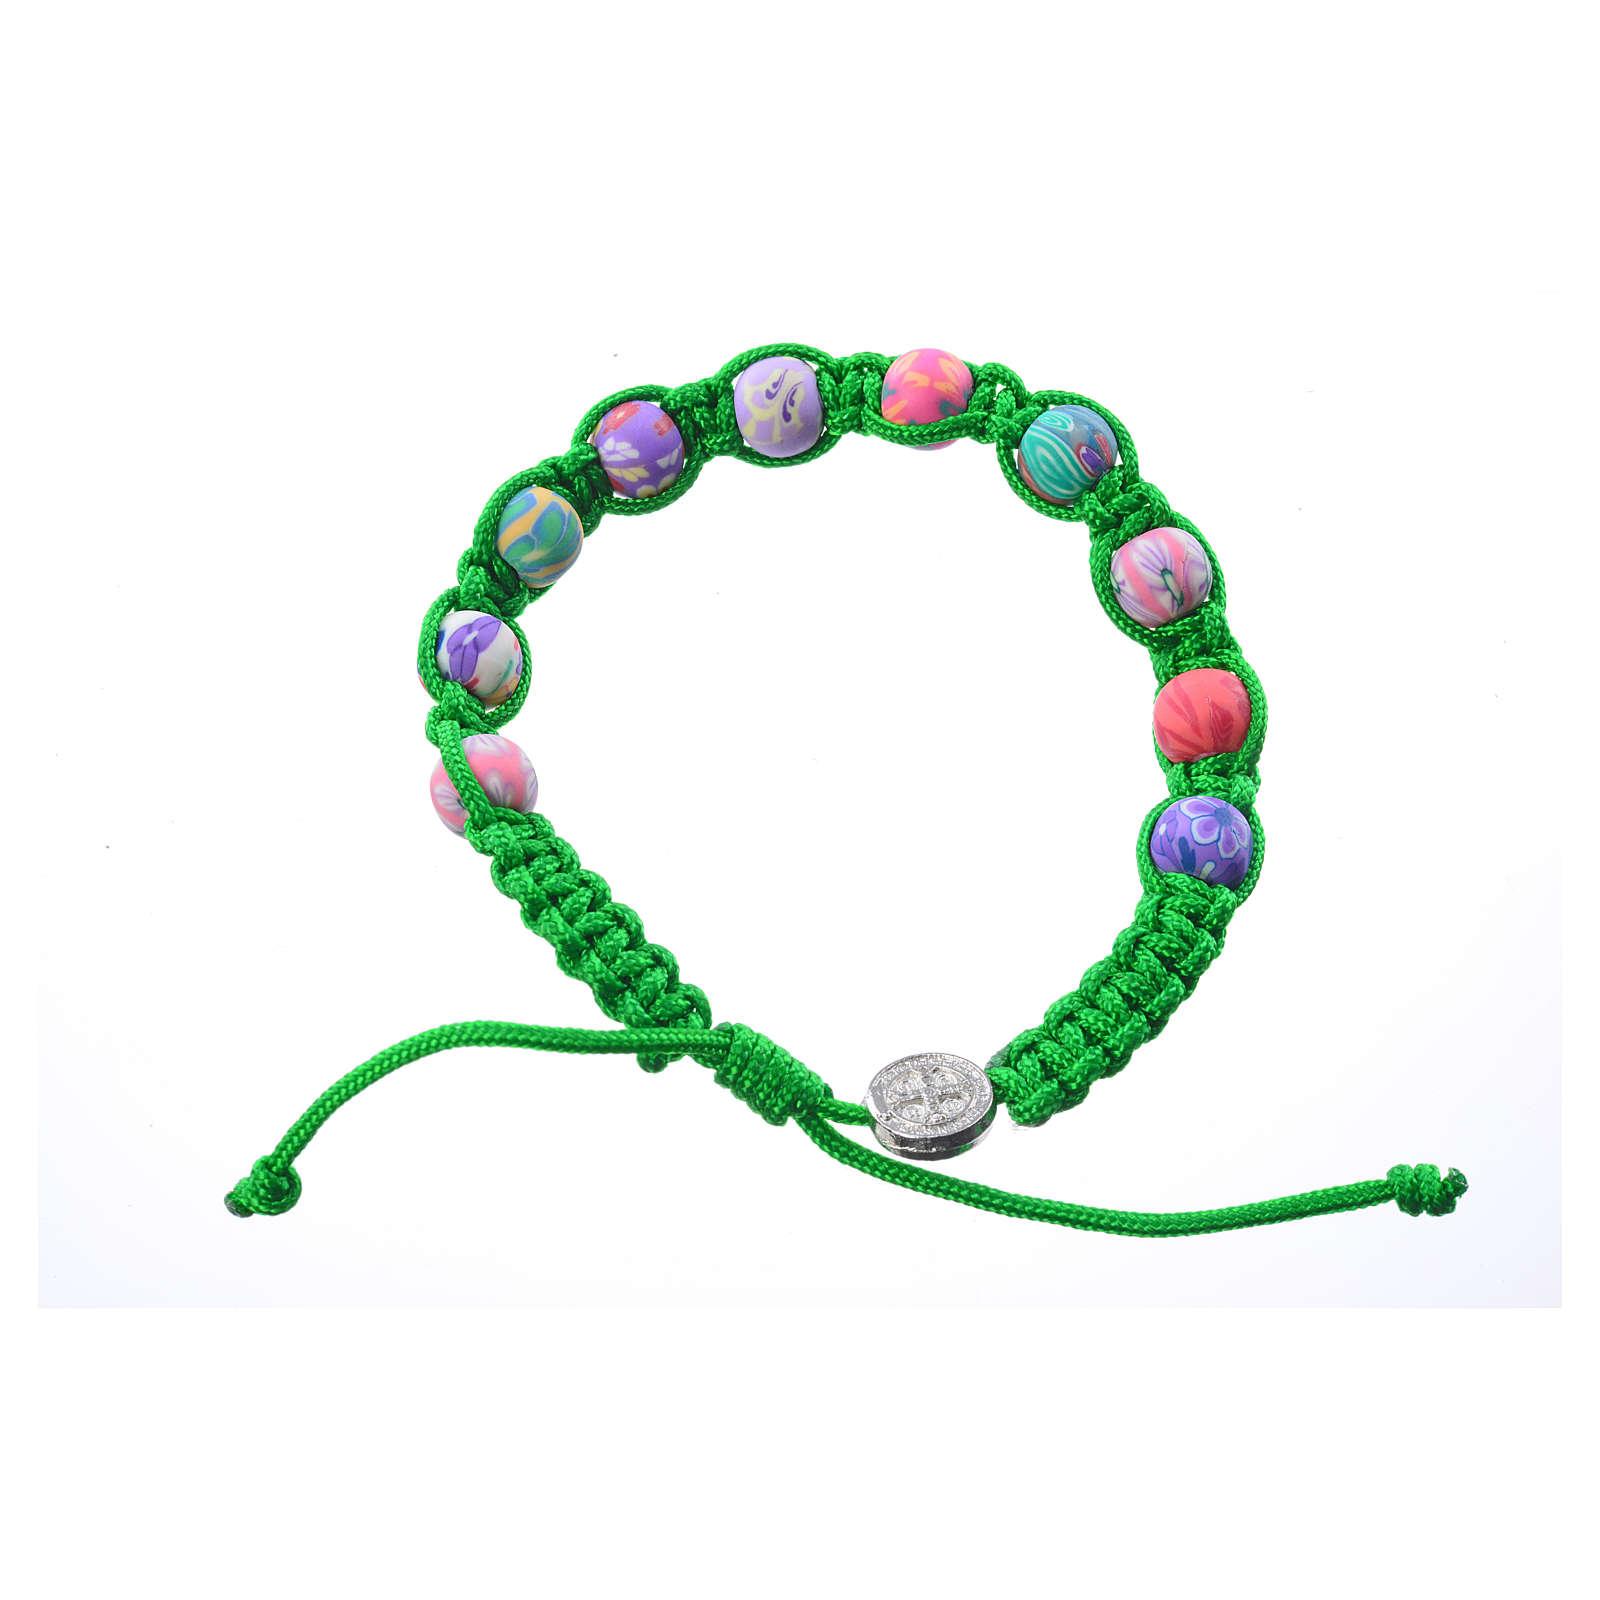 Bracciale fimo Medjugorje corda verde 4